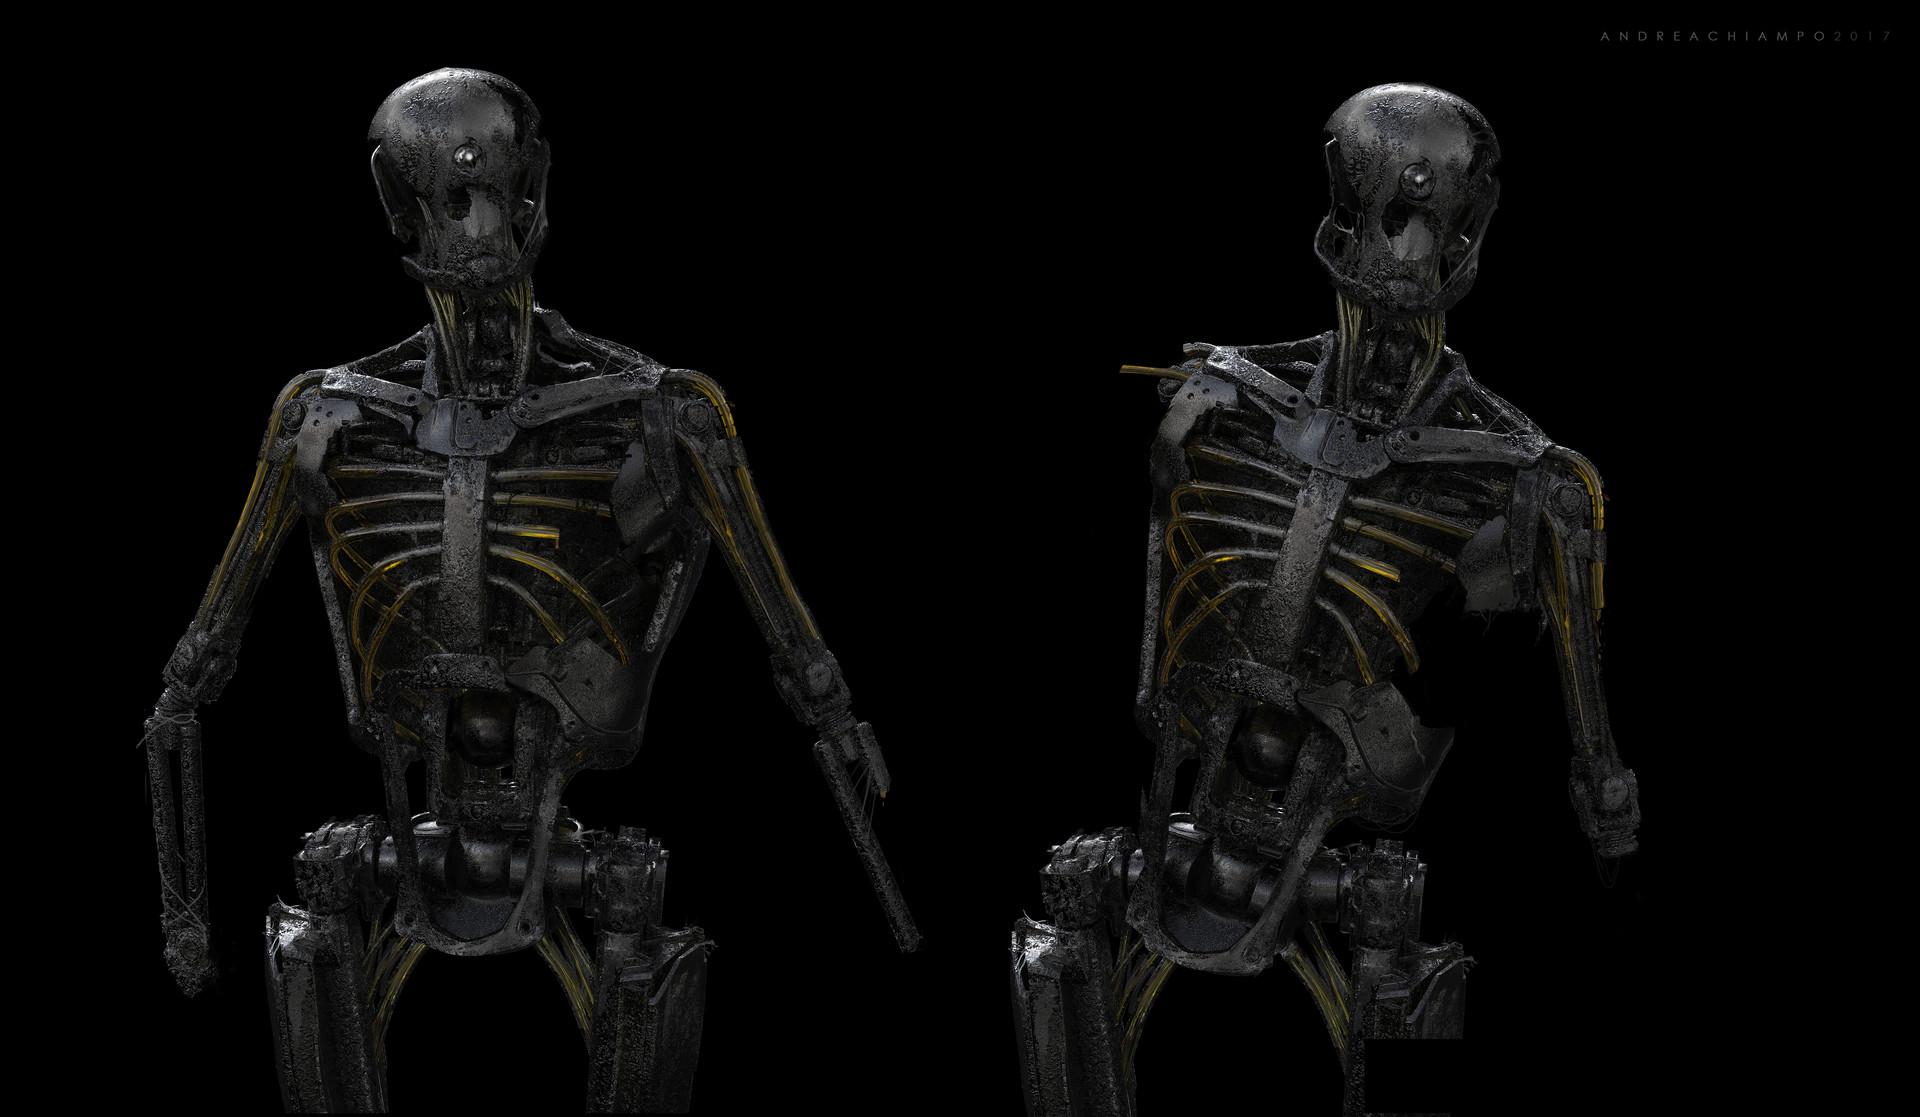 Andrea chiampo andrea chiampo concept design 9 zombie metal robot new